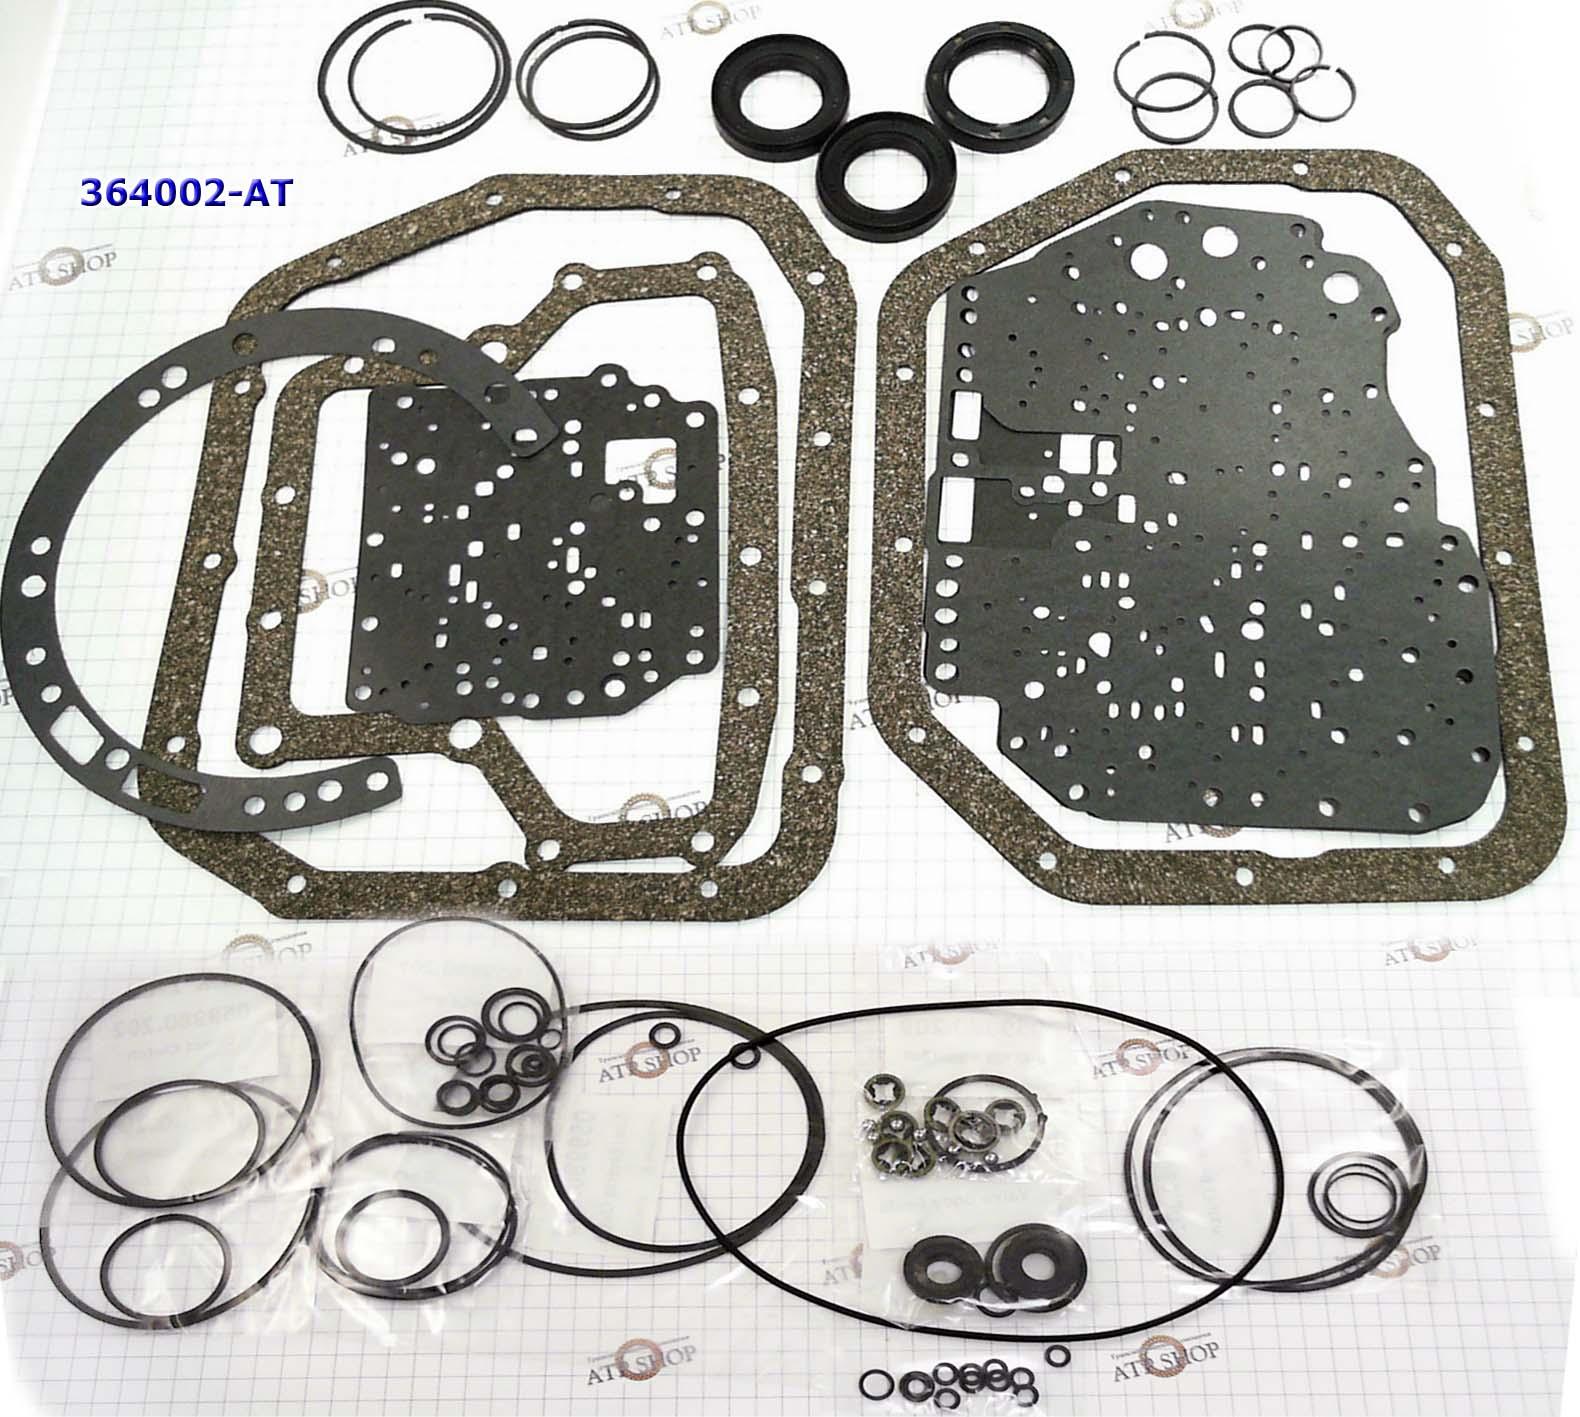 Оверол Кит (ремкомплект прокладок и сальников) A4AF3,  A4AF2, A4BF3, авто Elantra 99-00, Accent 99-07 Getz 00-07 итд.).